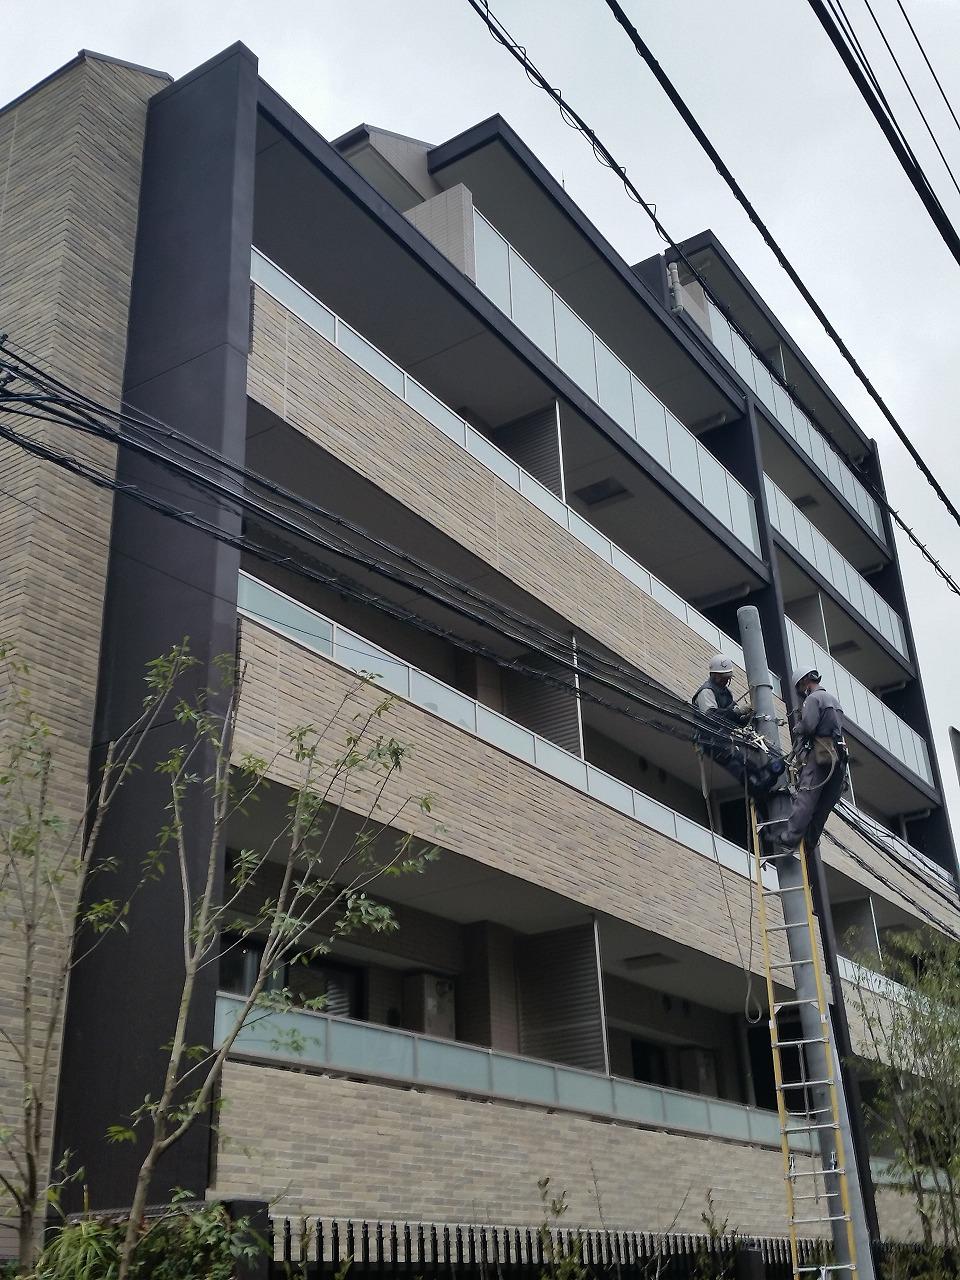 ライジングサン恵比寿二丁目ブランズのイメージ画像です